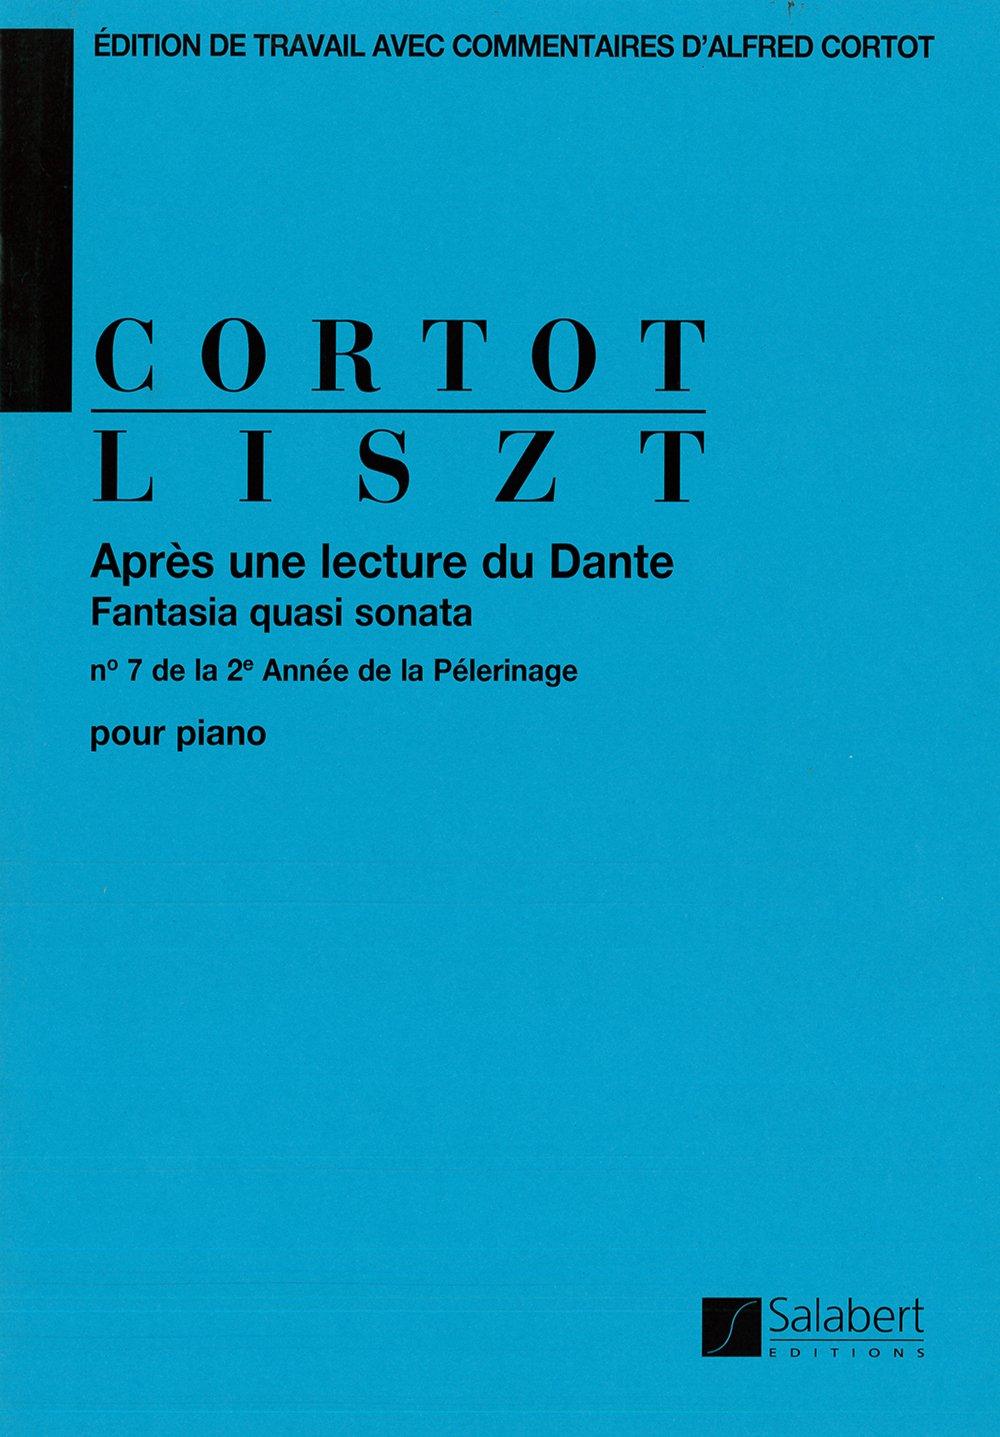 Après une Lecture du Dante, Fantasia Quasi Sonata Piano Spartito musicale – 1 gen 1984 Franz Liszt SALABERT 0048042072 Musique - danse